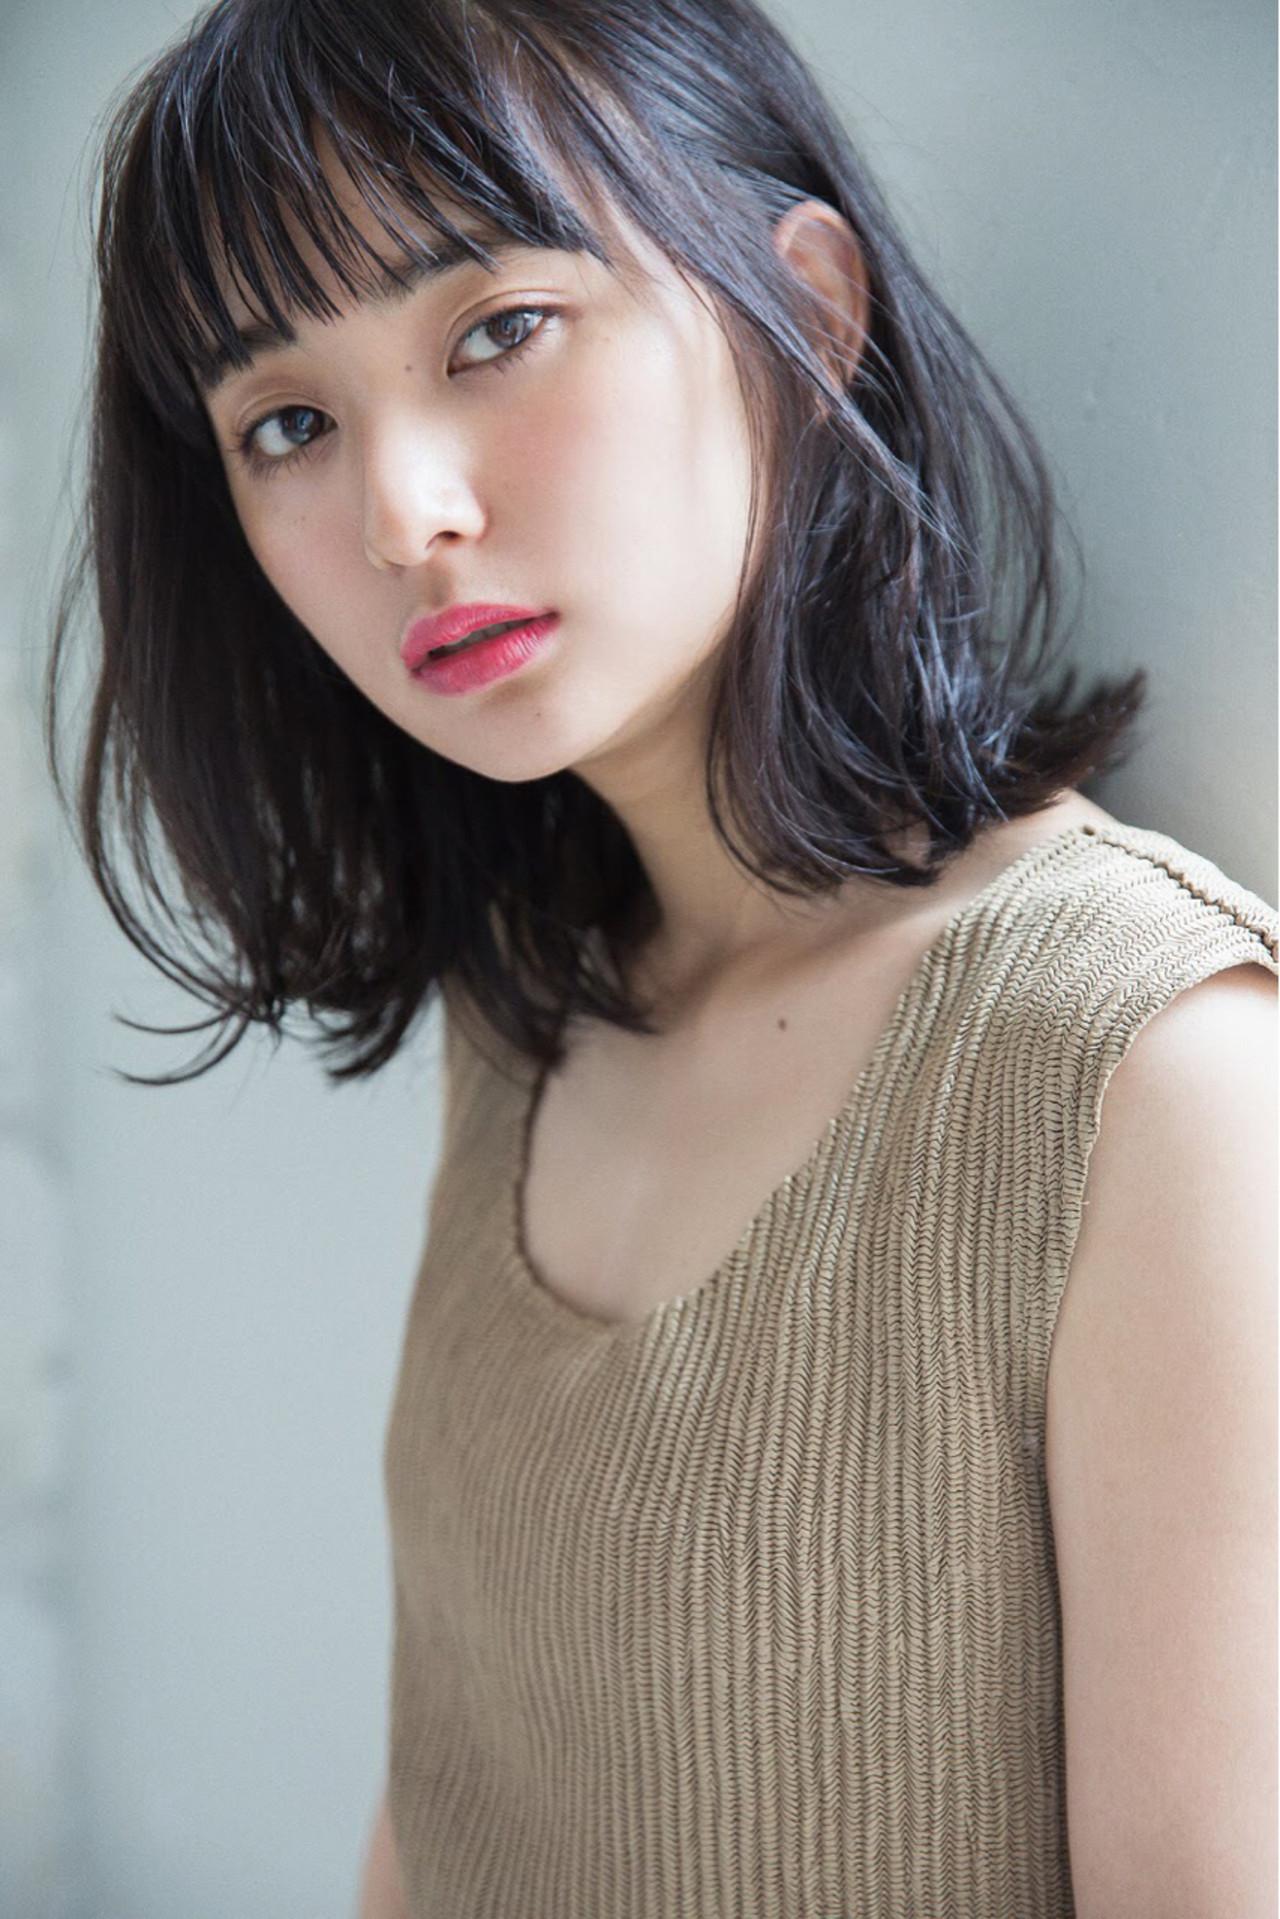 ファム(くせ毛特化型美容師)